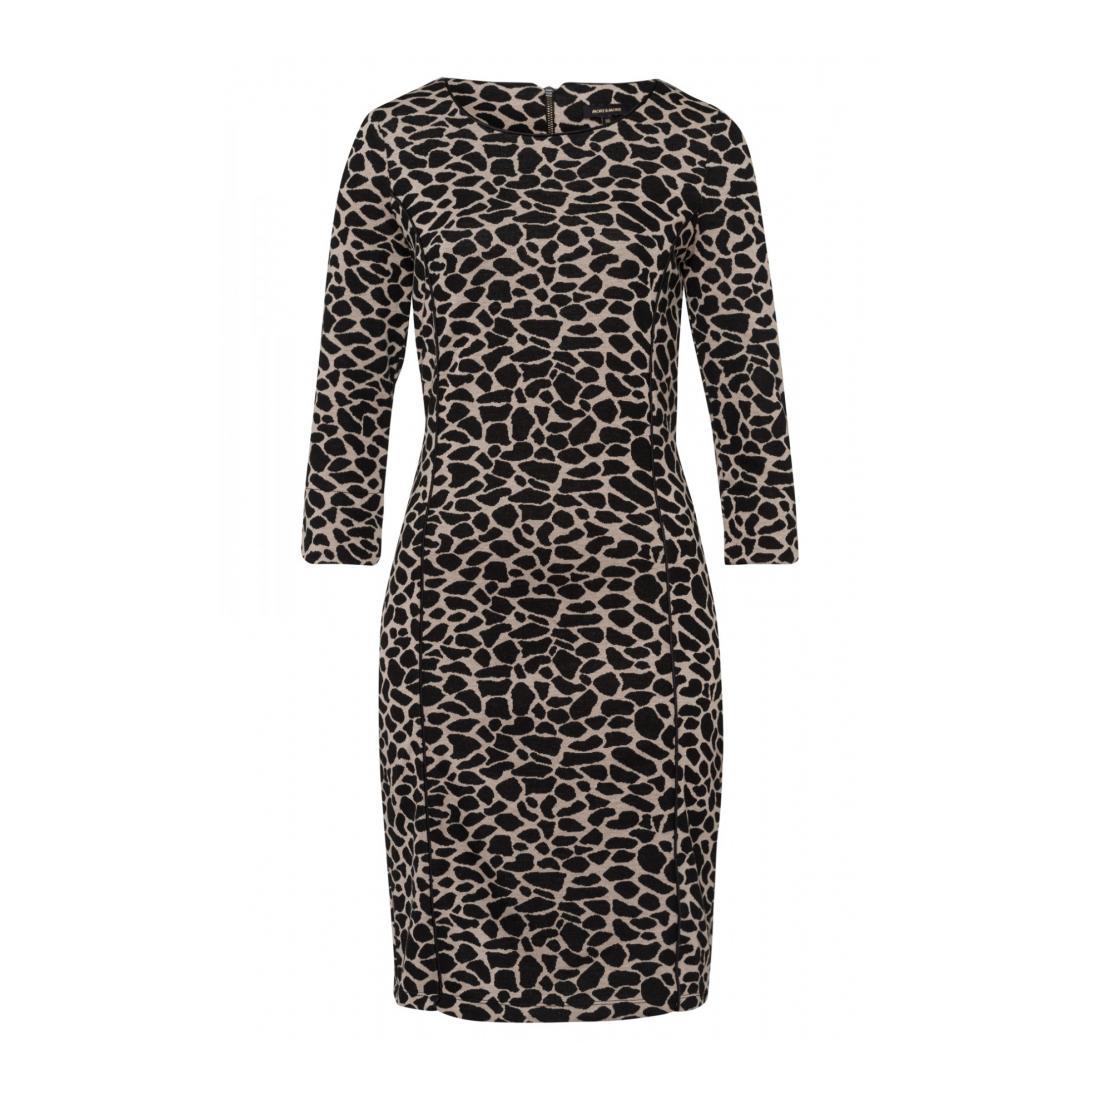 More & More Kleider kurz Damen Animal Jacquard Dress Act